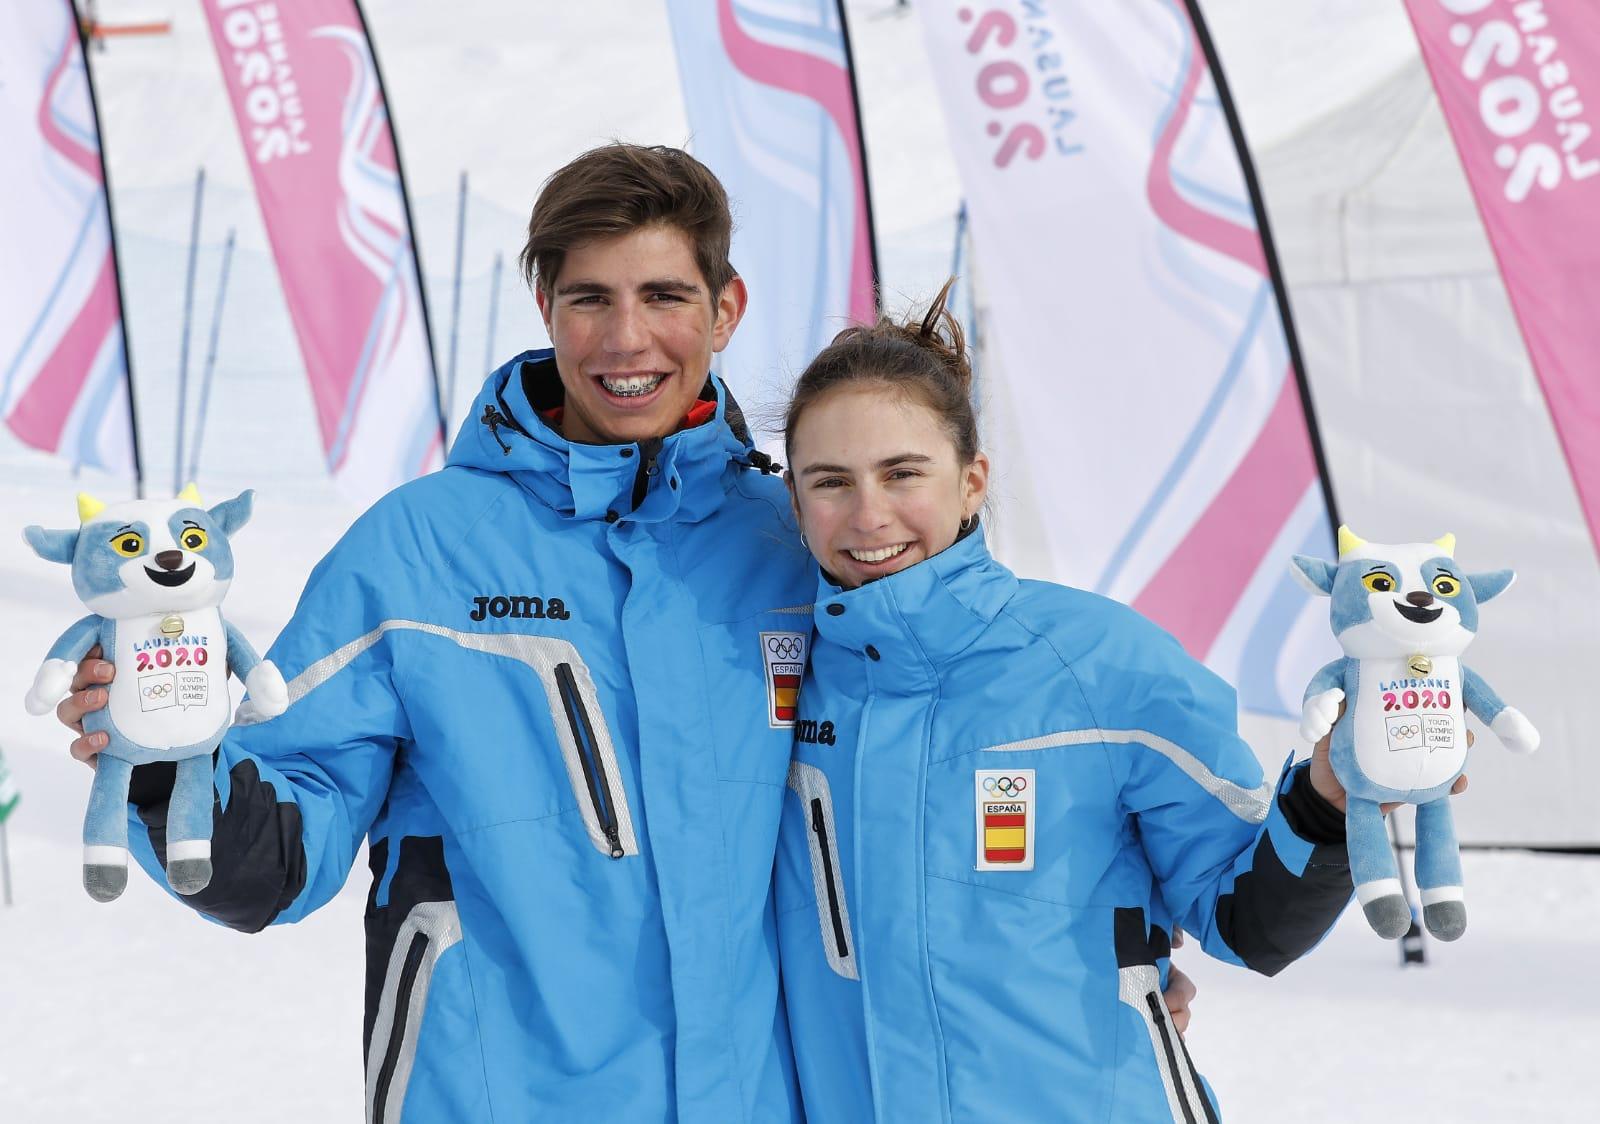 Ot Ferrer Skimo Juegos Olímpicos de la Juventud de Lausana